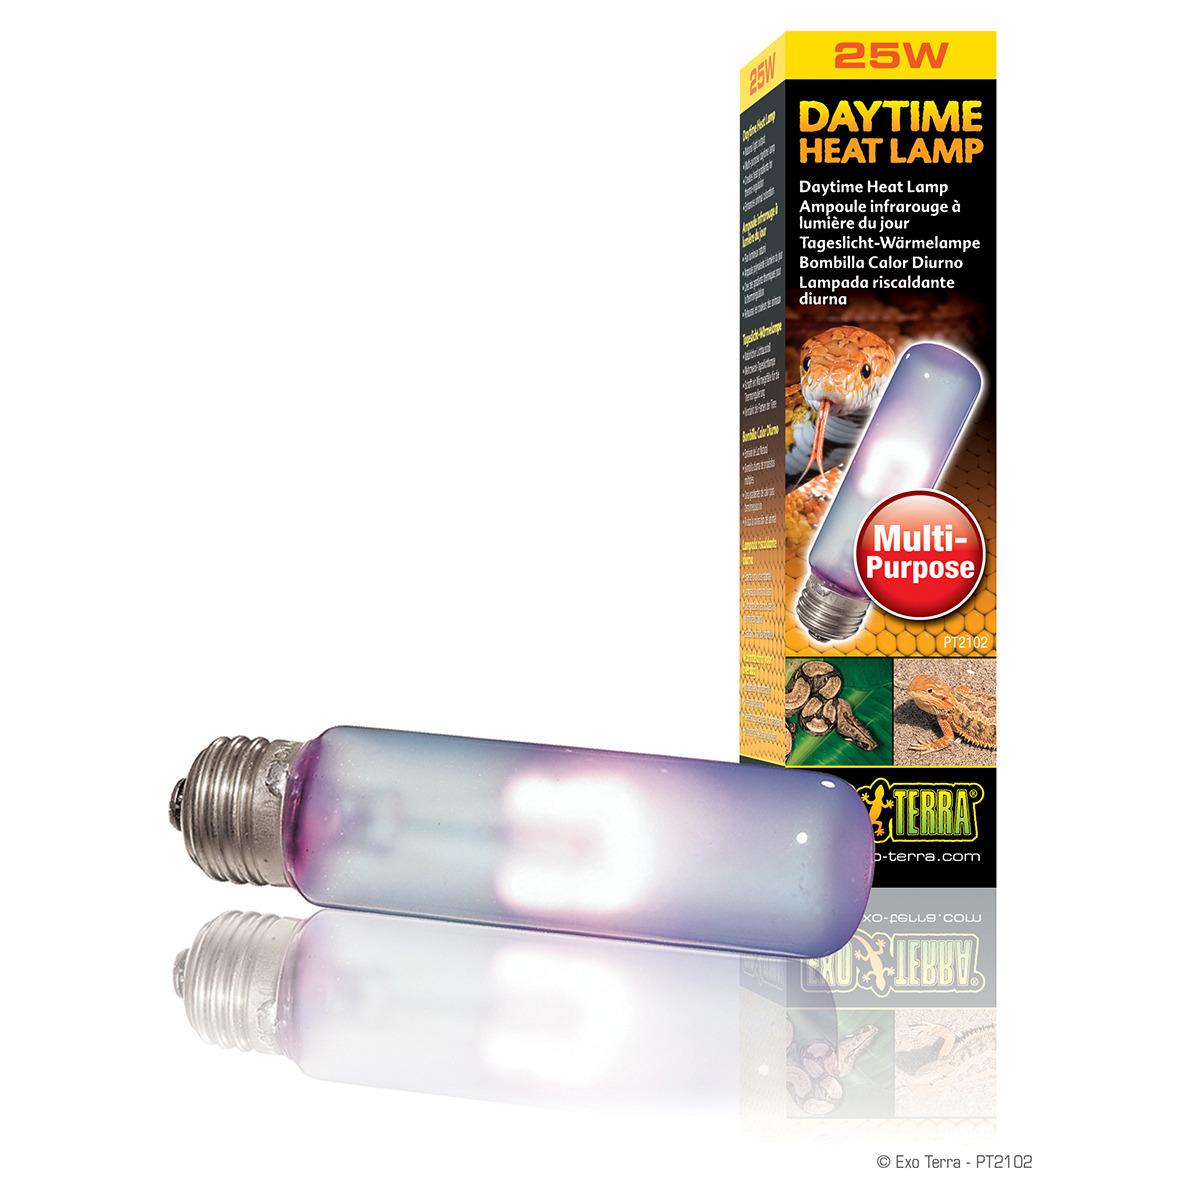 Exo Terra Daytime Heat Lamp Neodymium Tageslichtlampe